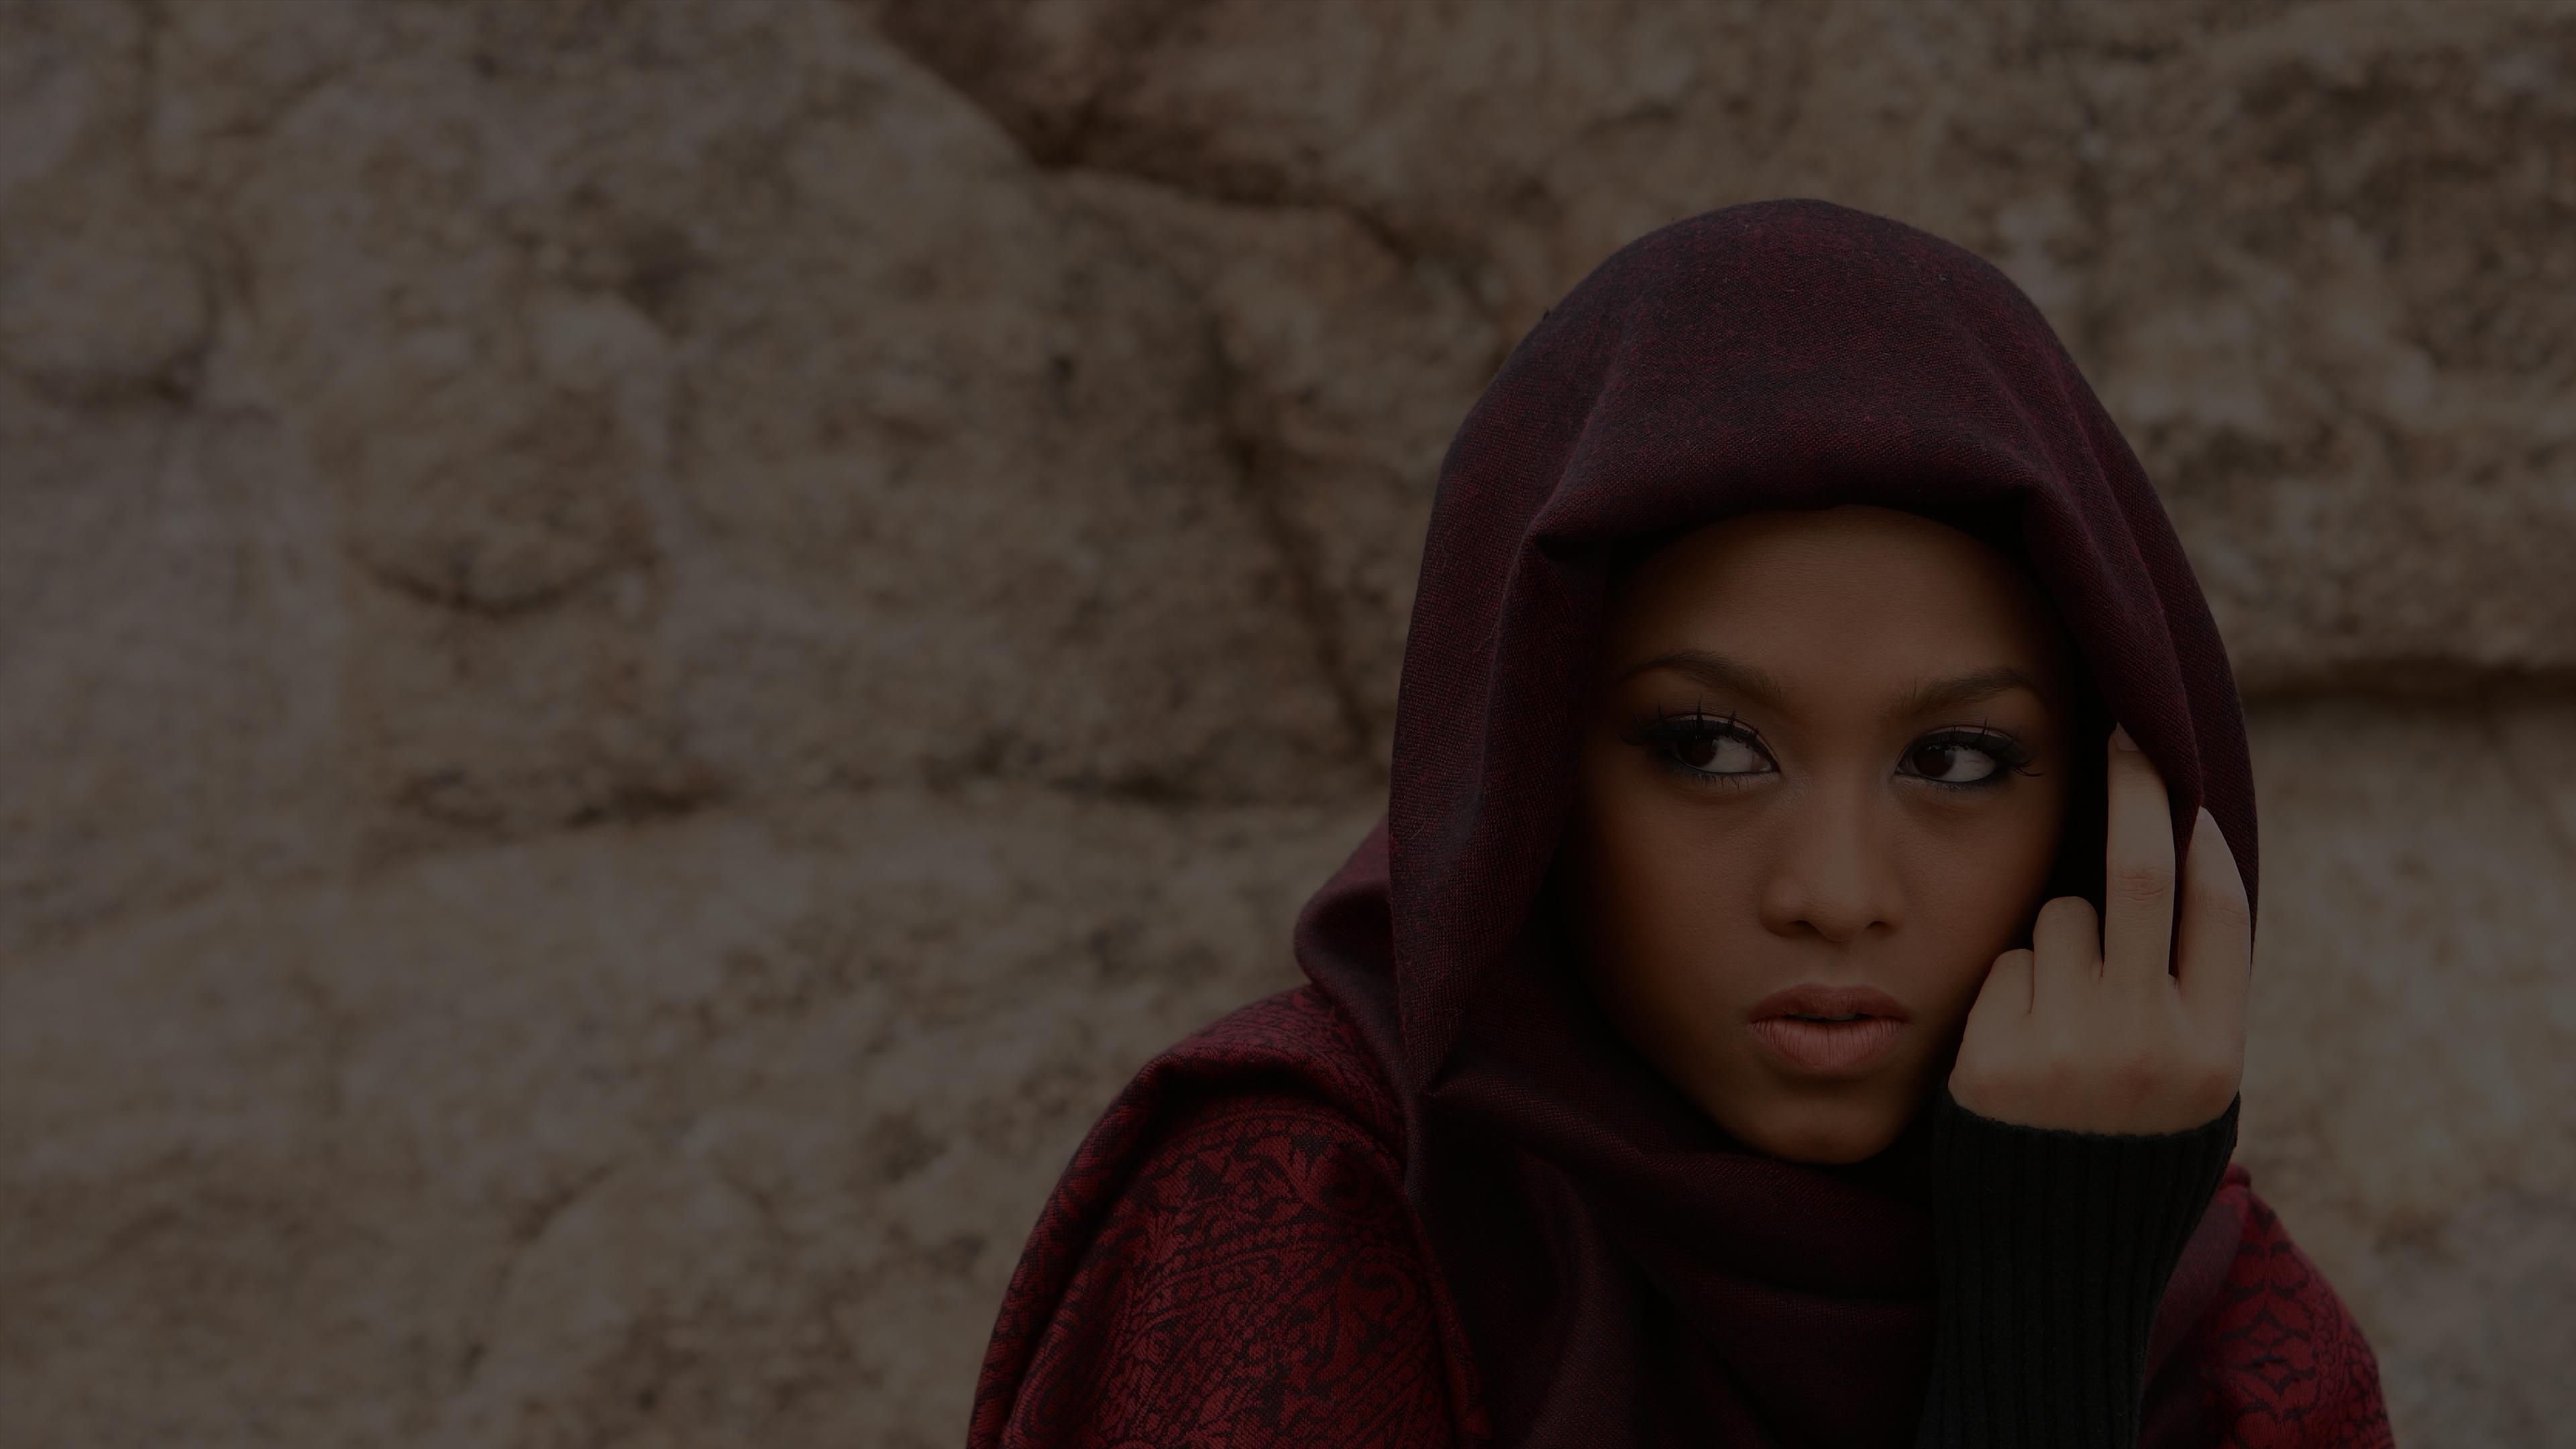 Photo of woman in maroon hijab